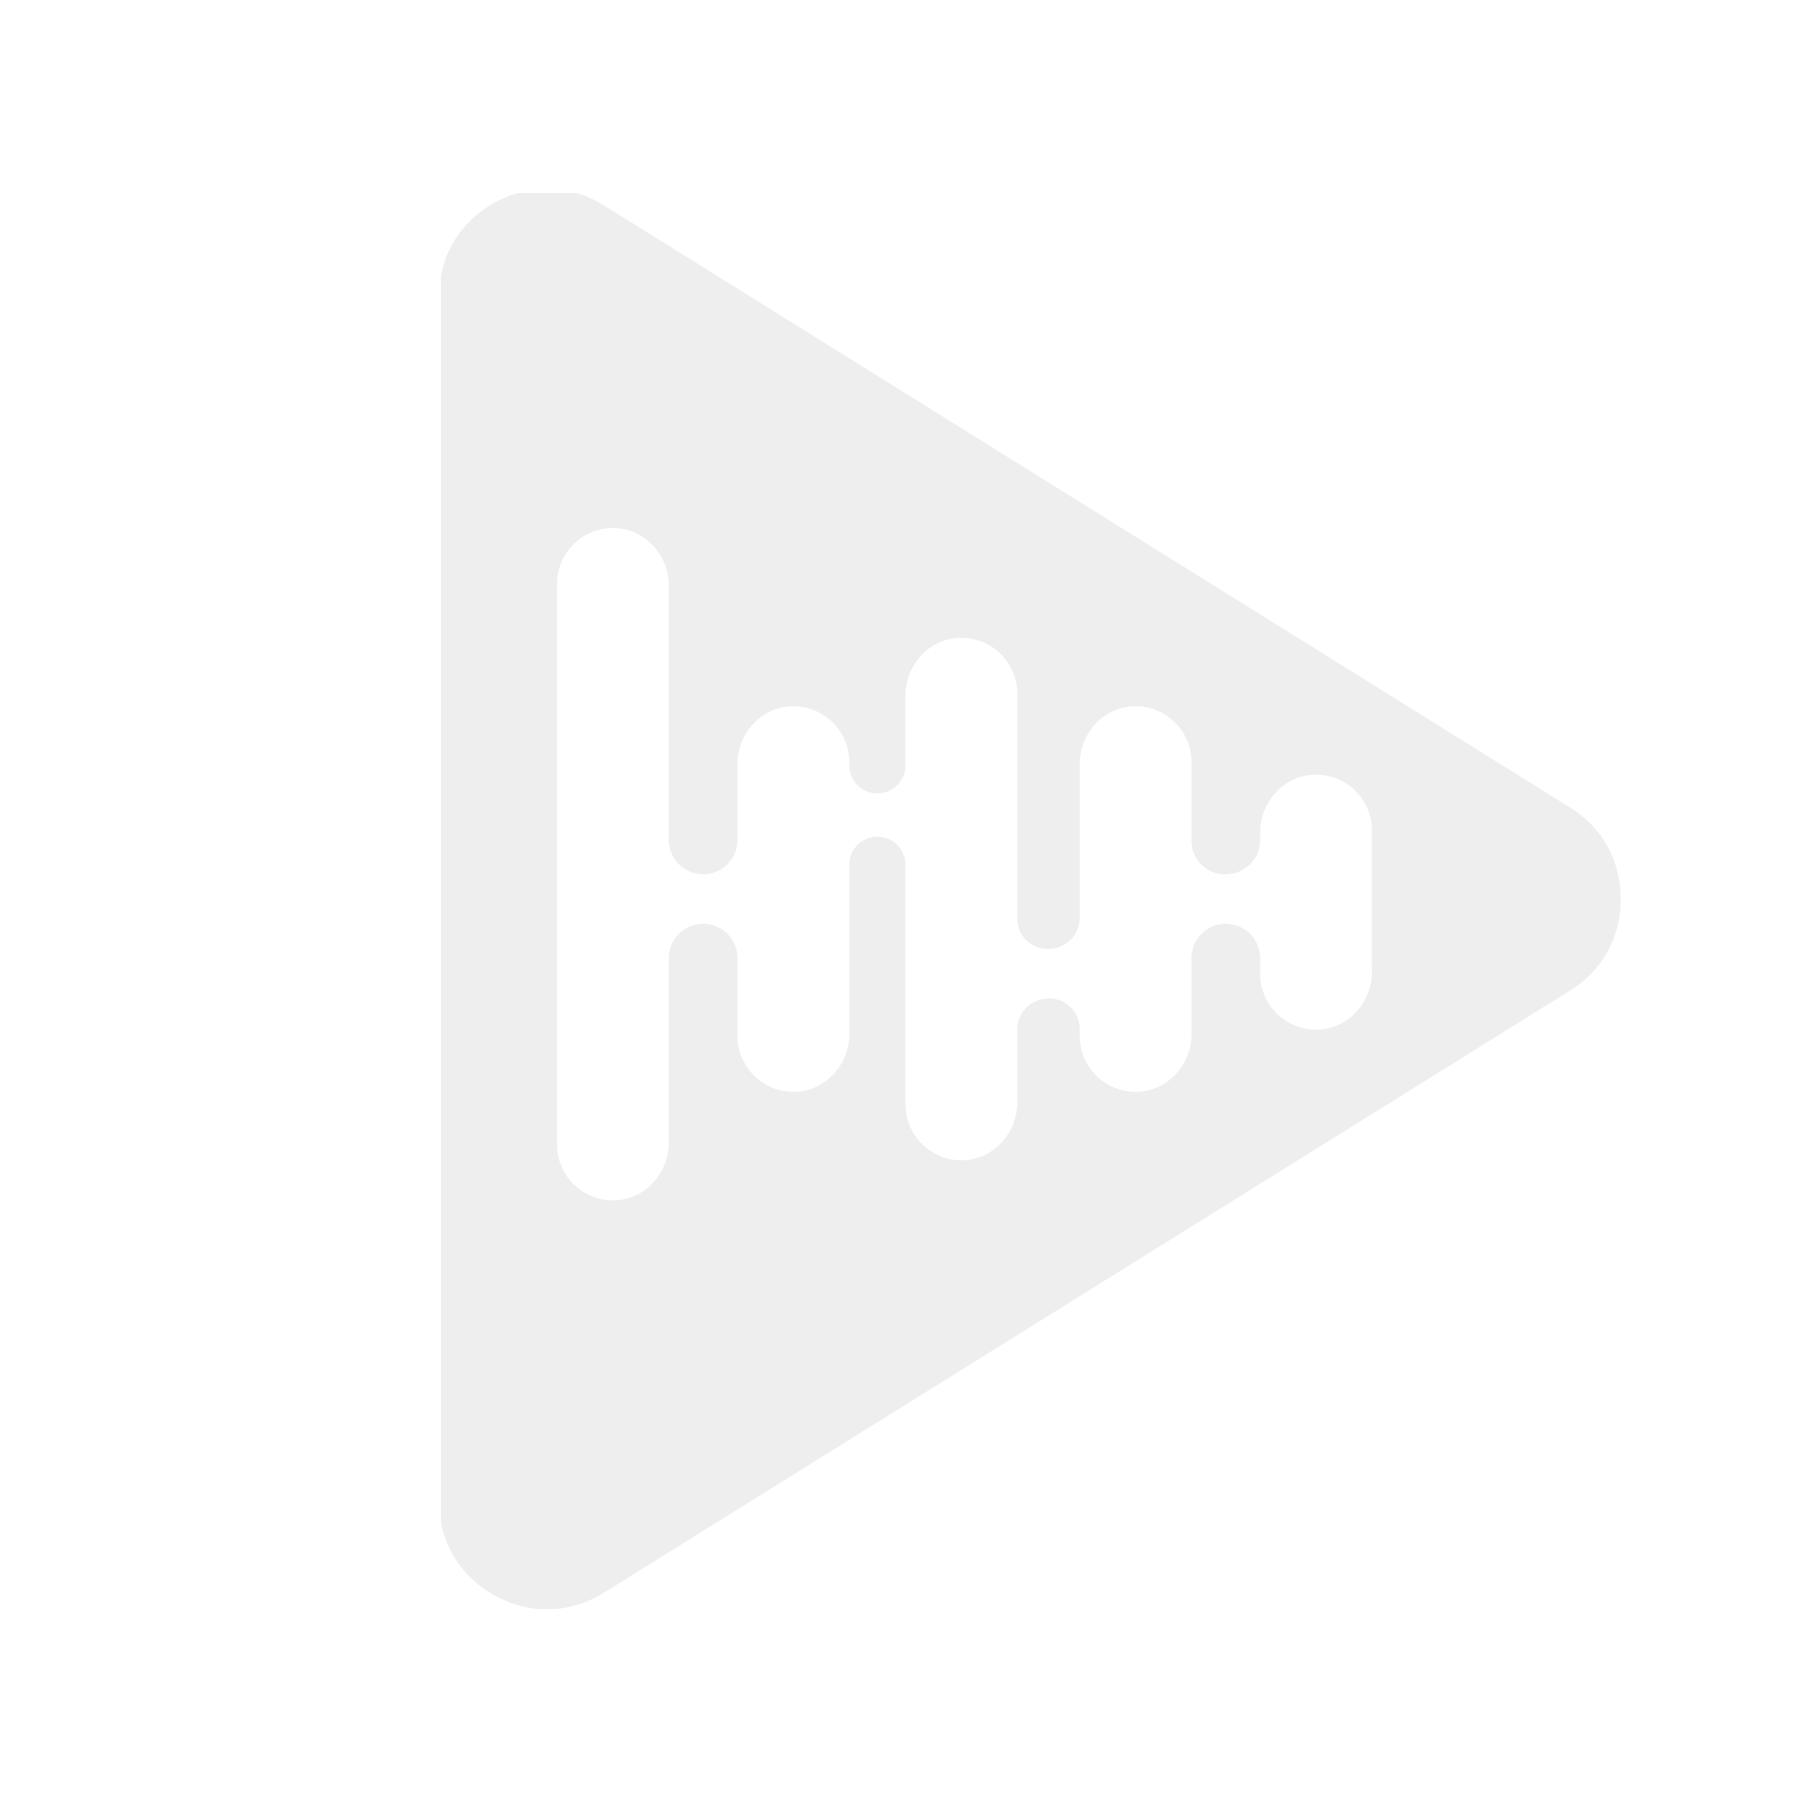 Oehlbach MMT COVER - PRO IN blindlokk, aluminium, dekker halve boksen